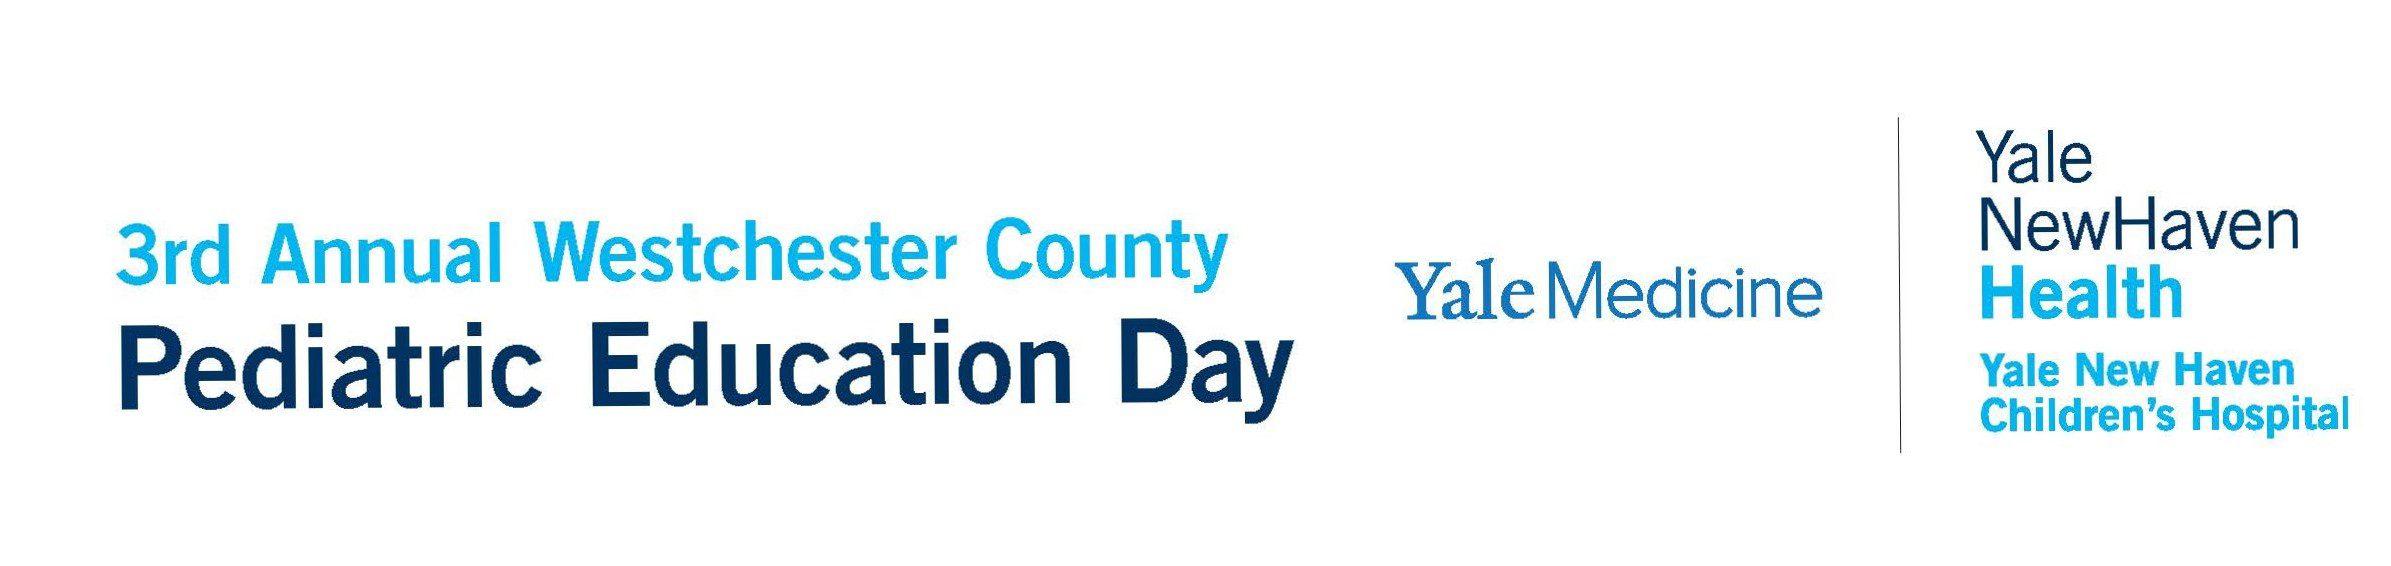 Westchester-Day-Header-2-aa9026533c2d49cf24aaa82295345db7[1]